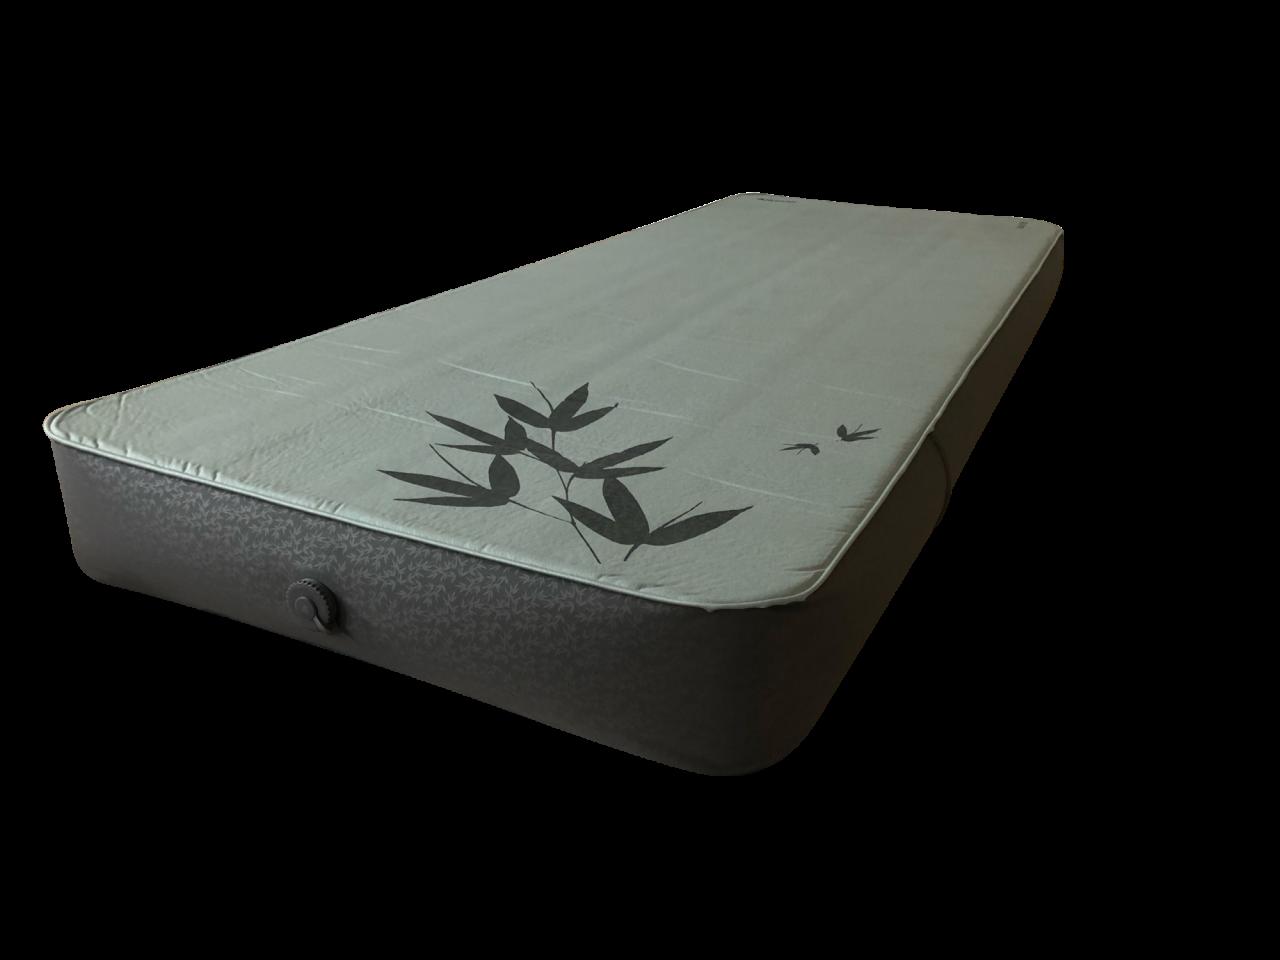 Human Comfort Valette Compact 10 Slaapmat - Groen